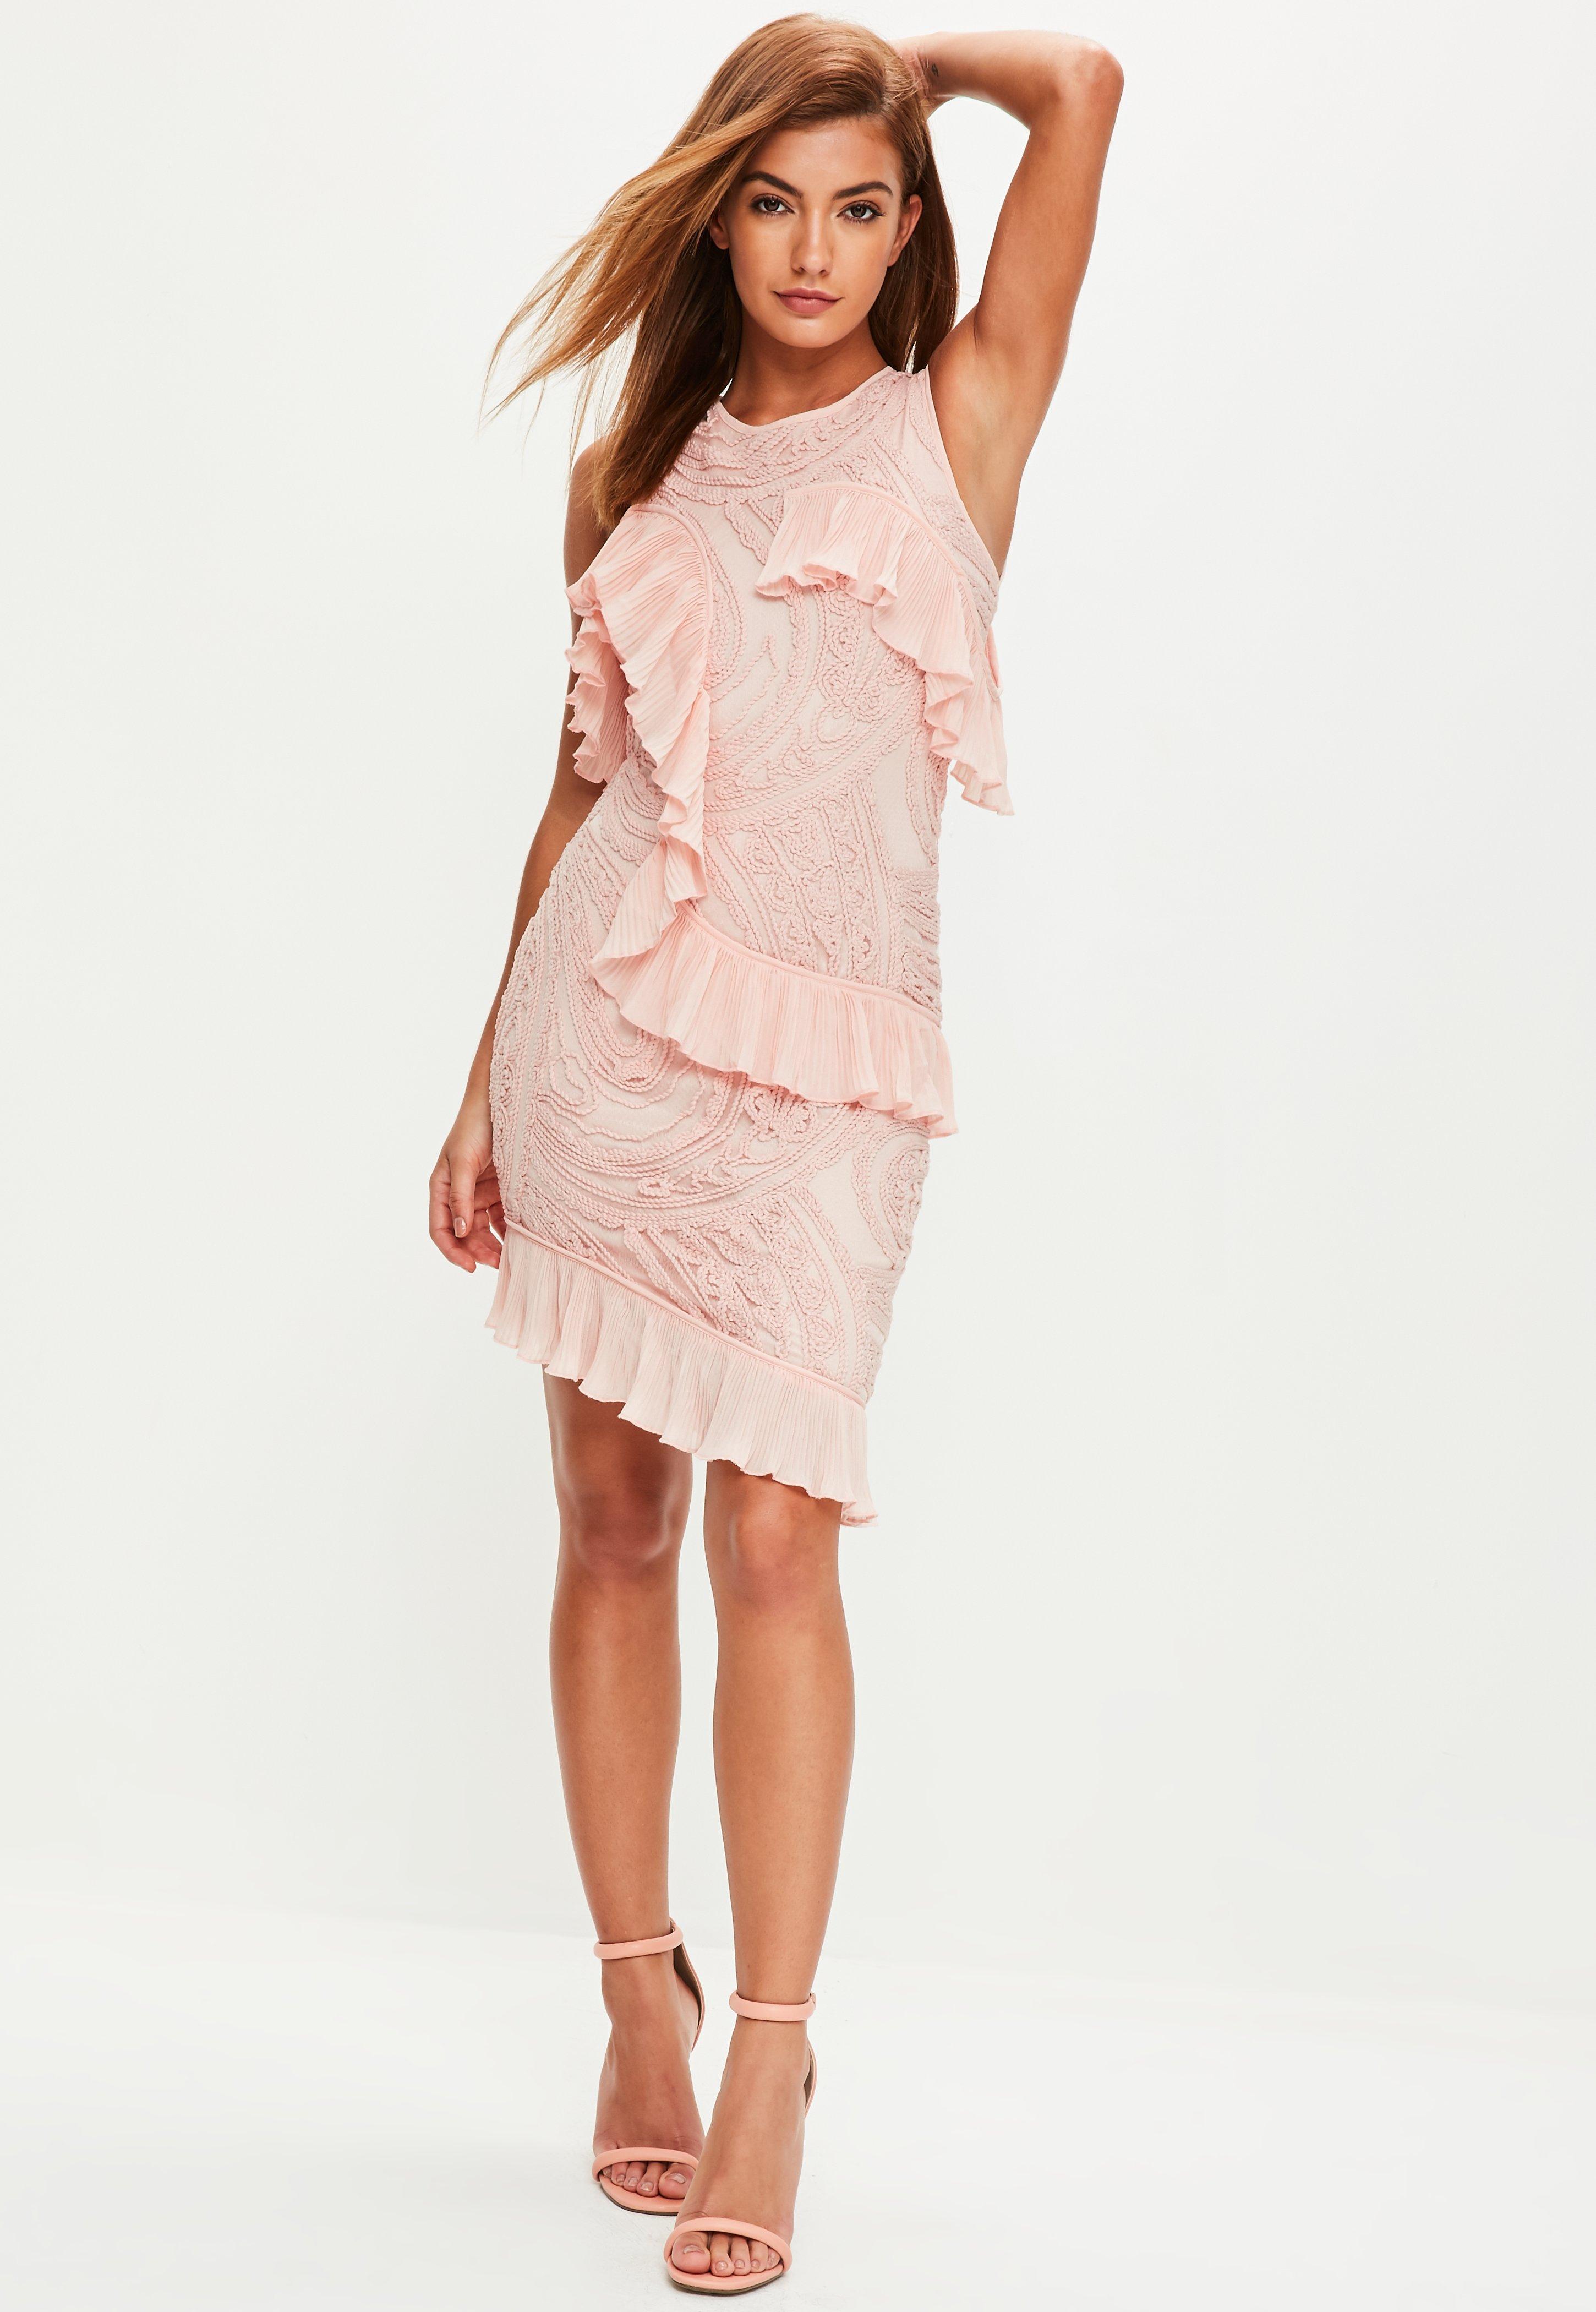 Pink Frill Midi Dress | Missguided Australia